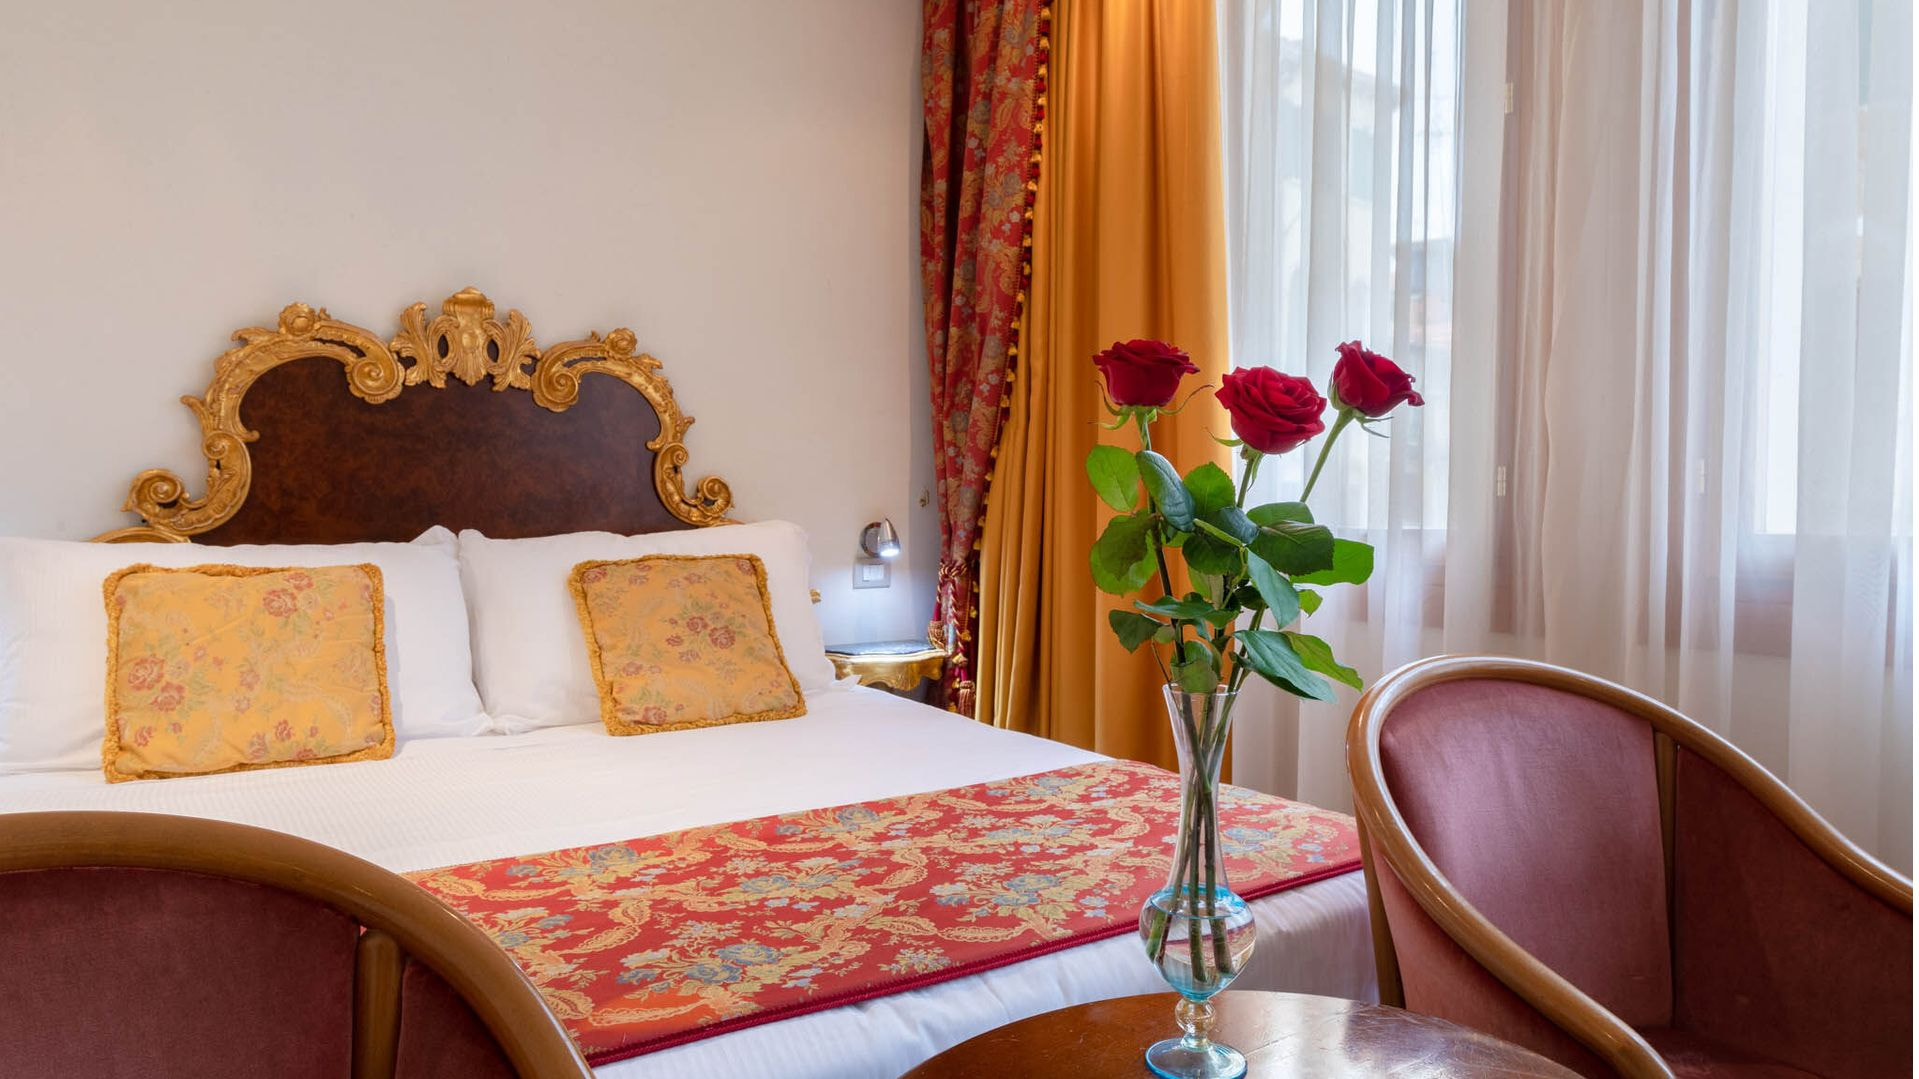 Vive el ambiente veneciano en un hotel elegante a unos pasos de la Plaza de San Marco y de la parada del autobús acuático (vaporetto). El edifício tiene ascensor y tus amigos de cuatro patas son bienvenidos.